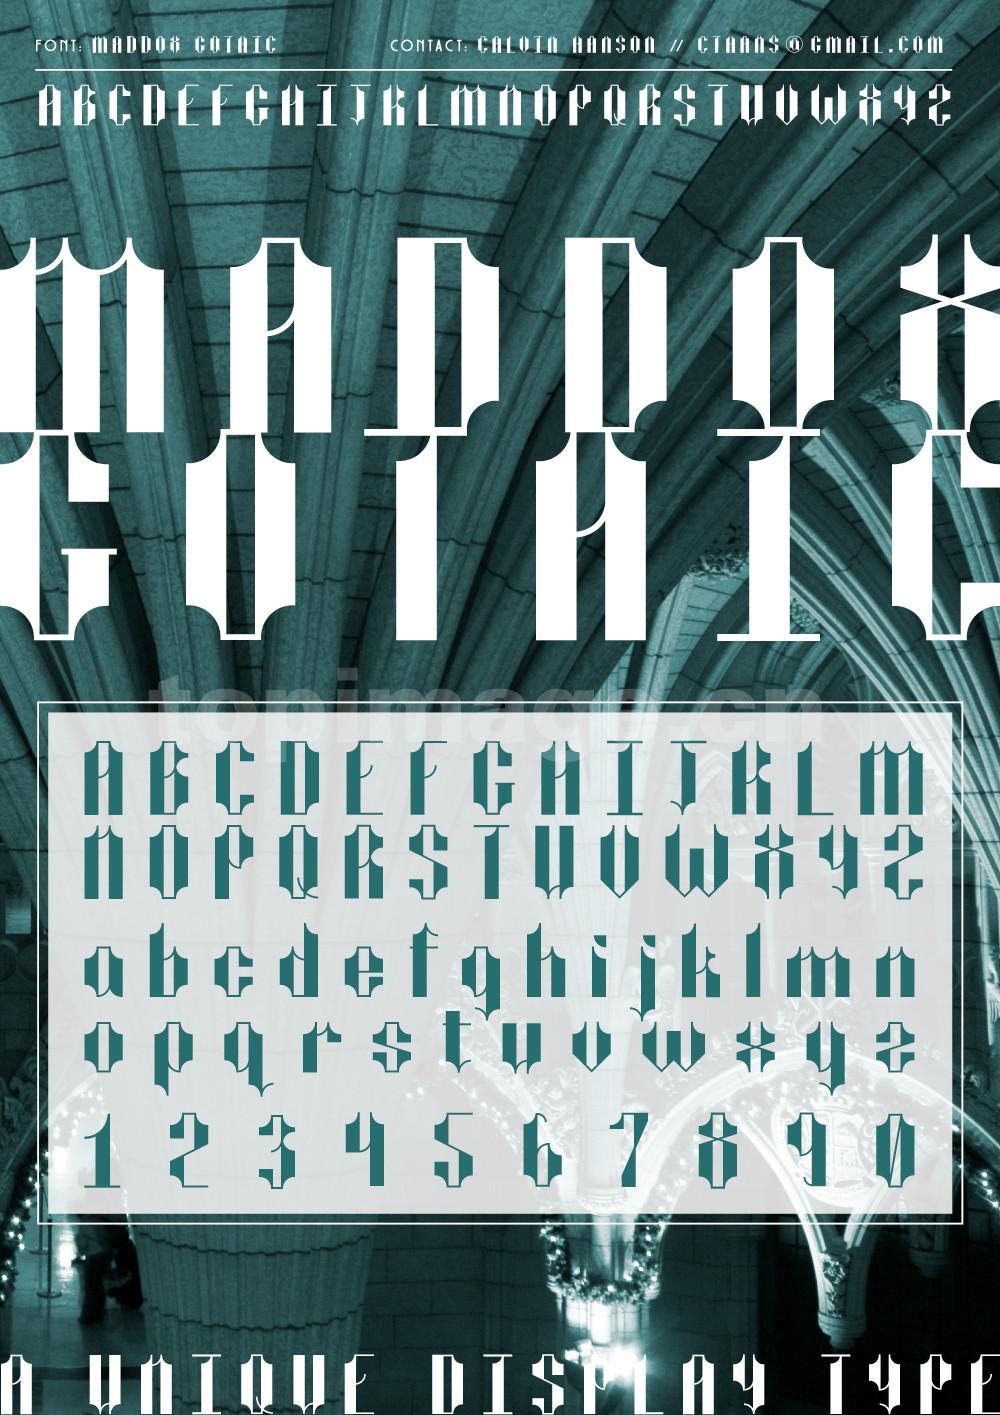 Maddox哥特式个性化海报英文字体下载